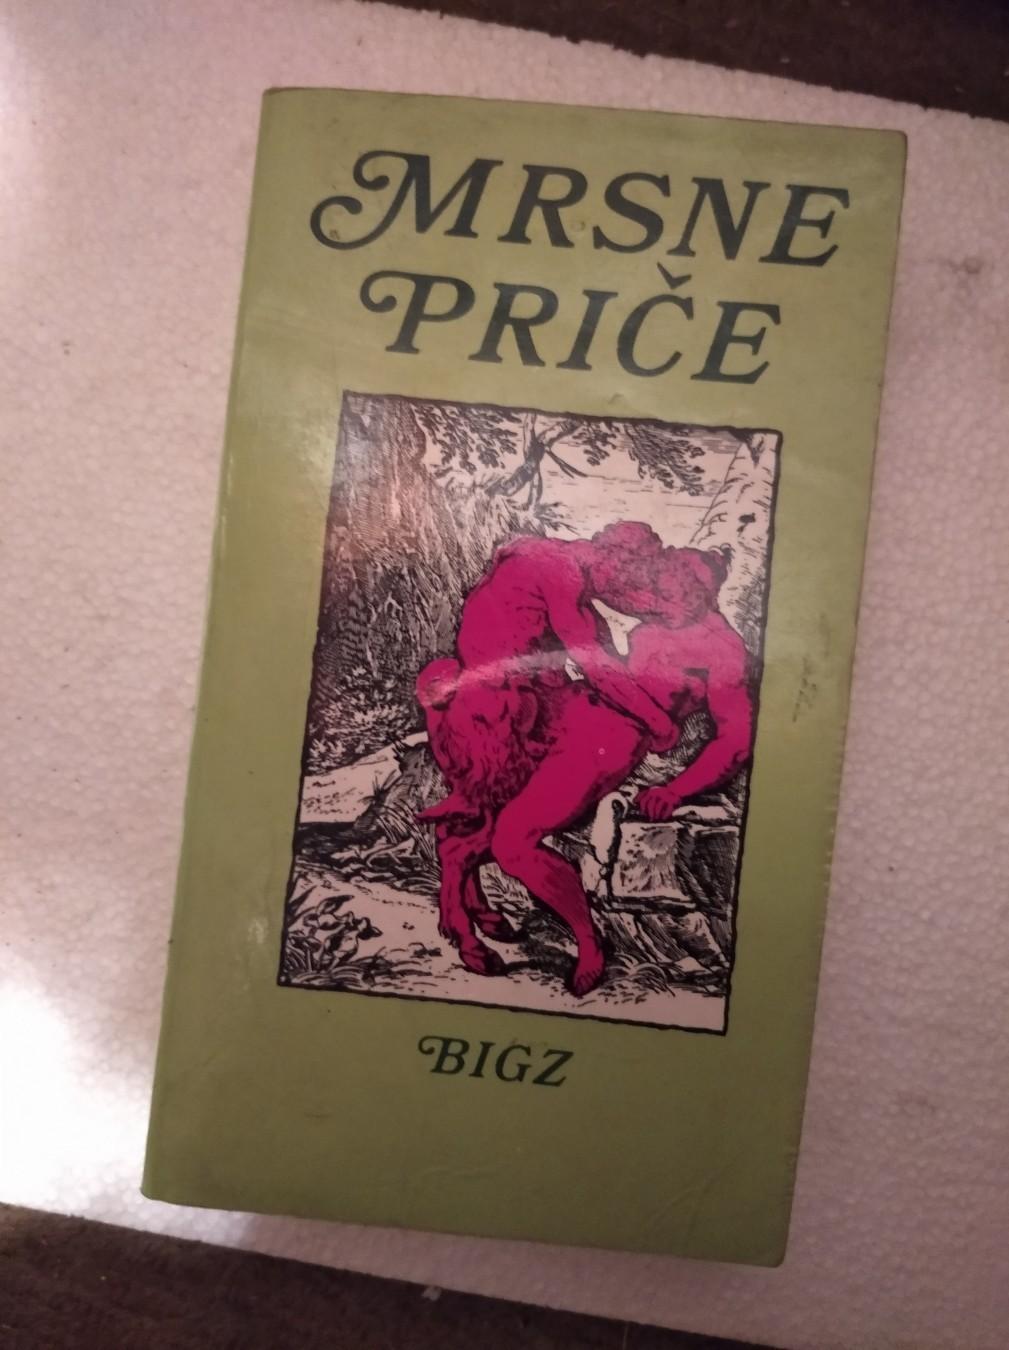 Price bezobrazne Najerotskije scene